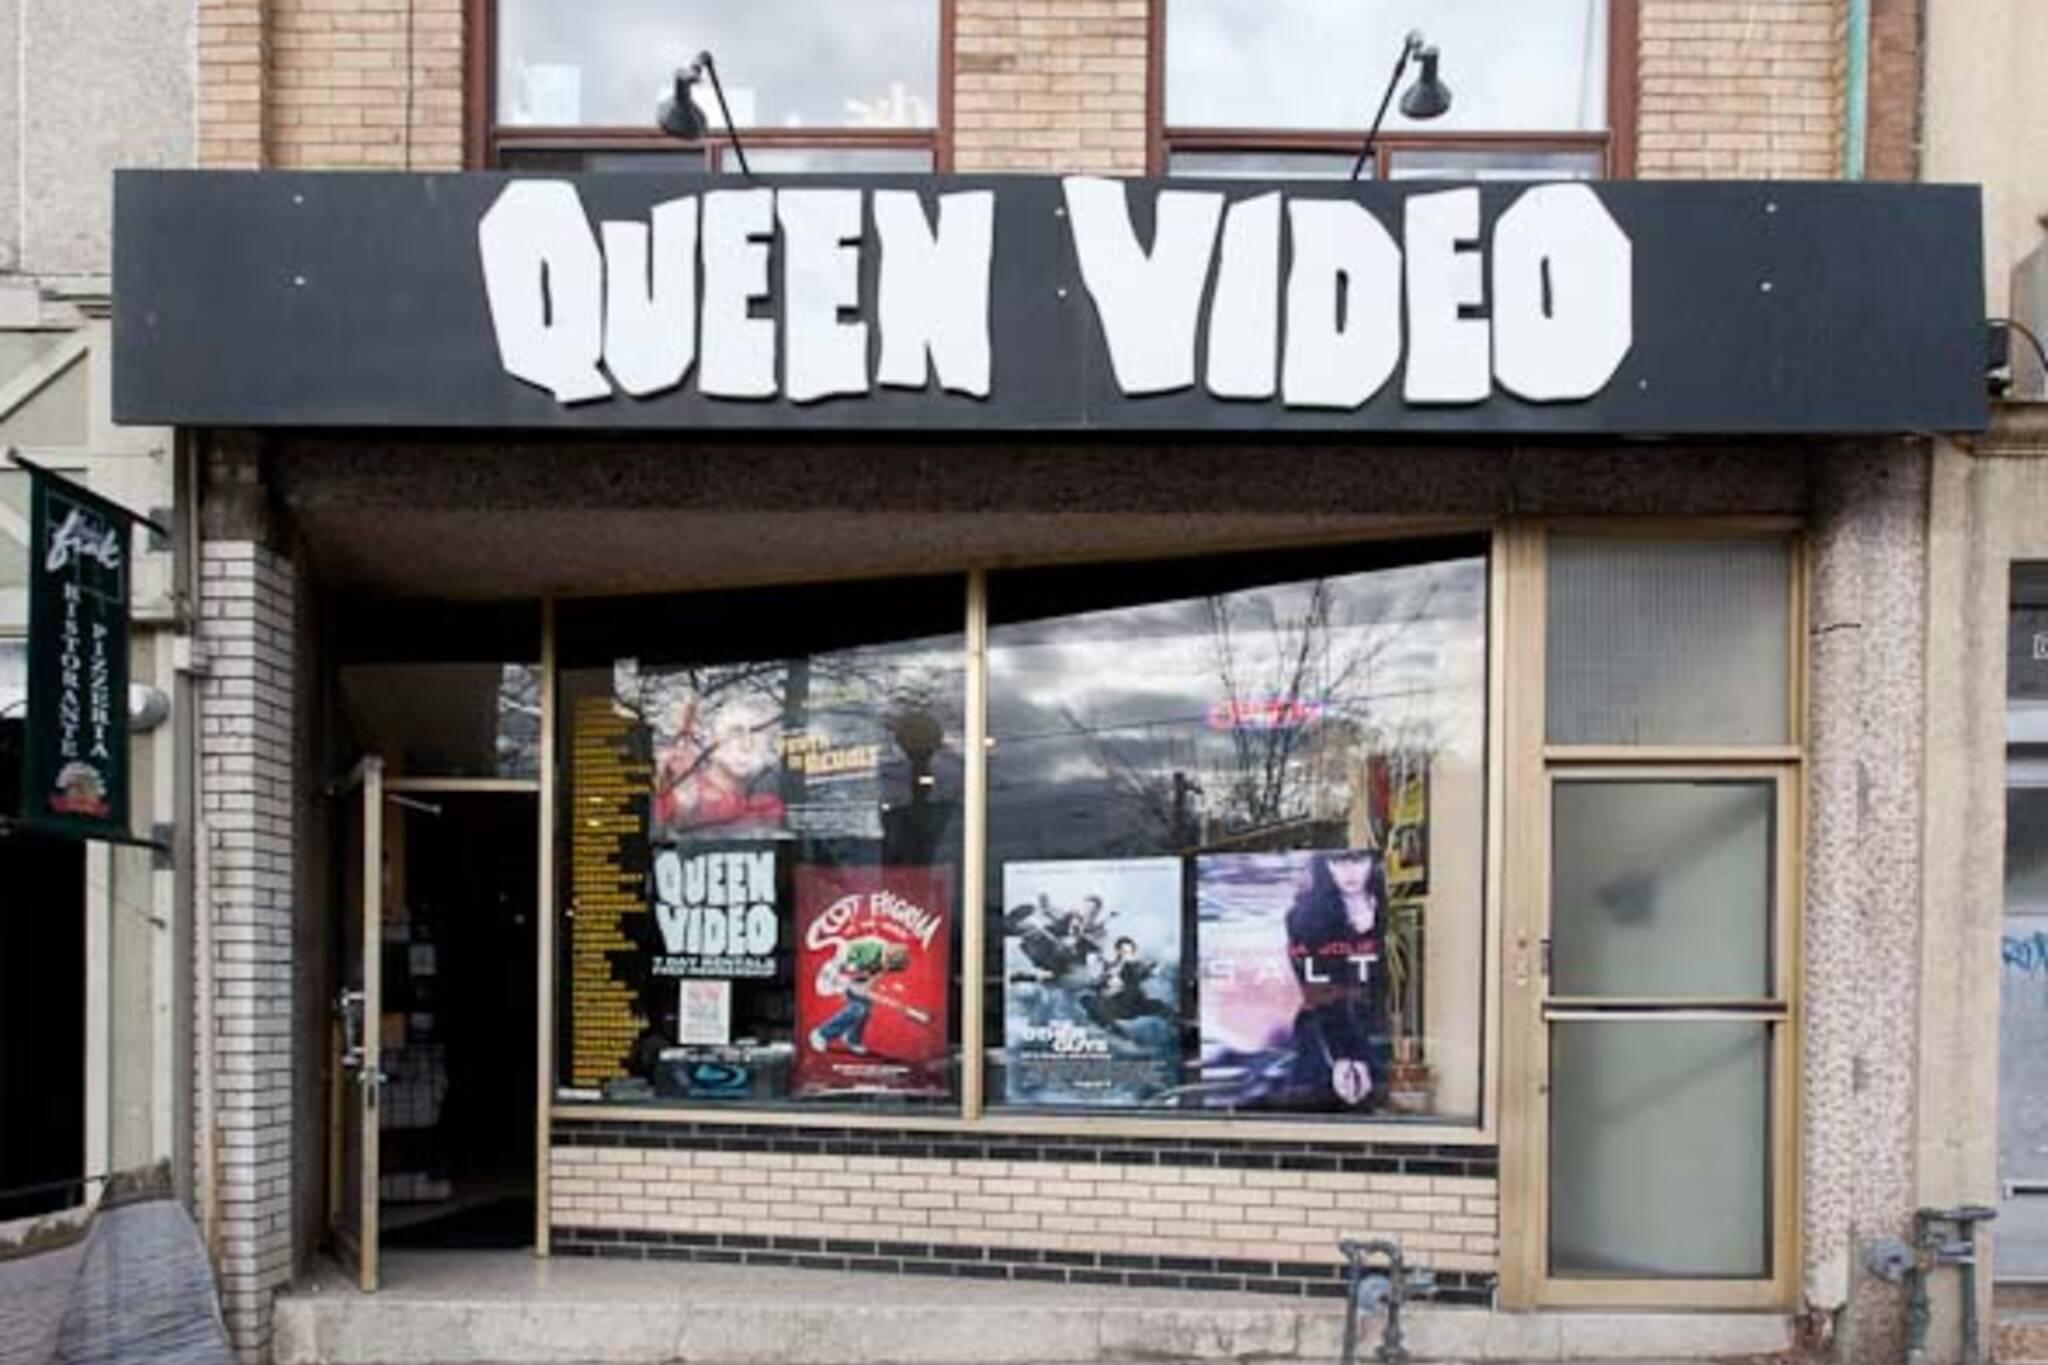 Queen Video